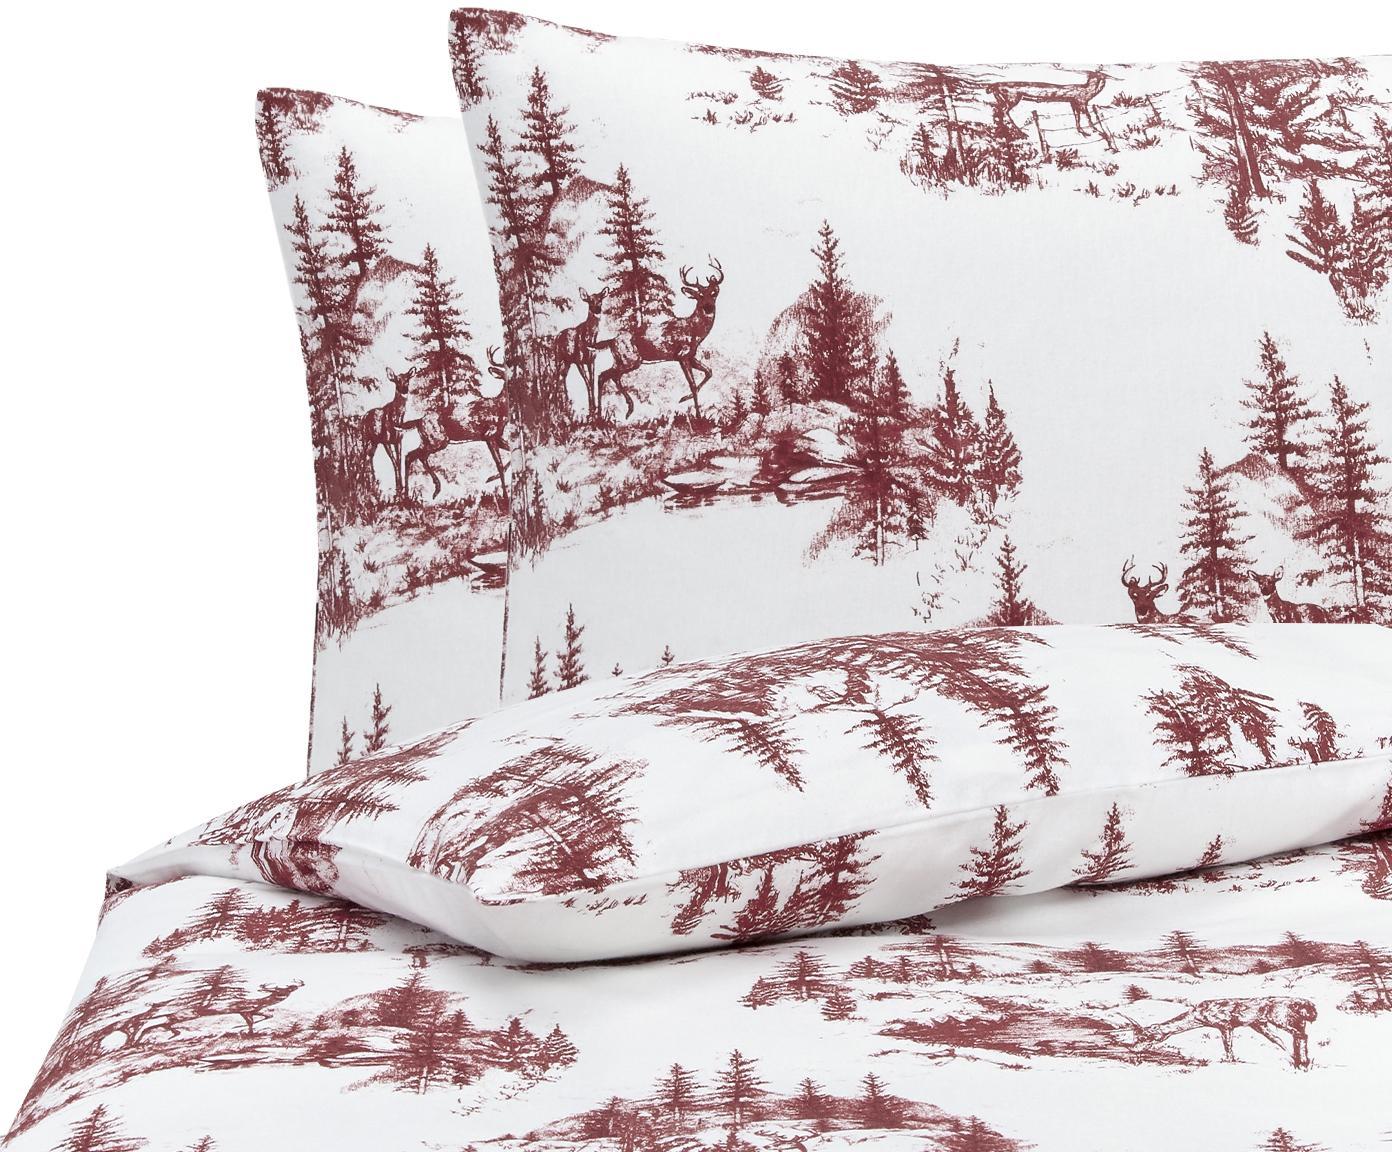 Flanell-Bettwäsche Nordic mit winterlichem Motiv, Webart: Flanell Flanell ist ein s, Rot, Weiß, 200 x 200 cm + 2 Kissen 80 x 80 cm